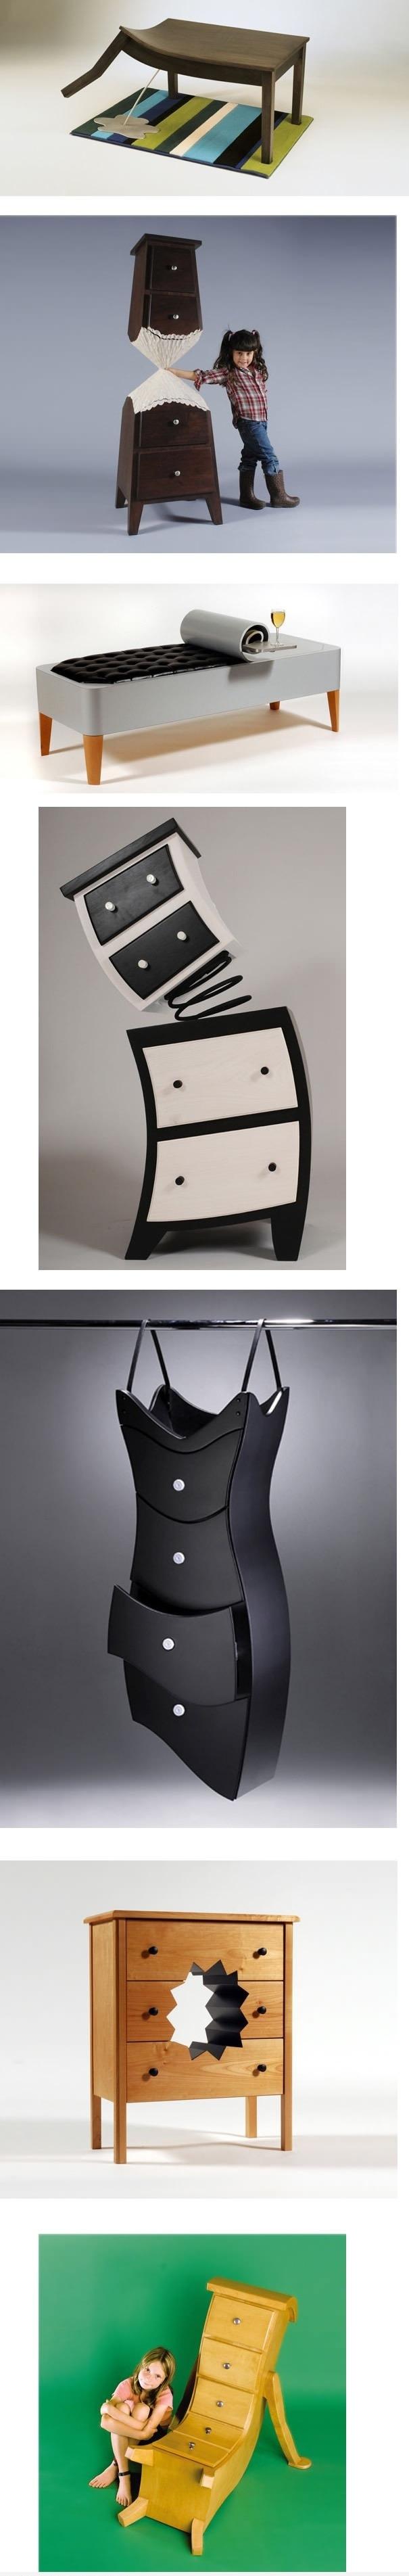 Weird & Wacky Furniture